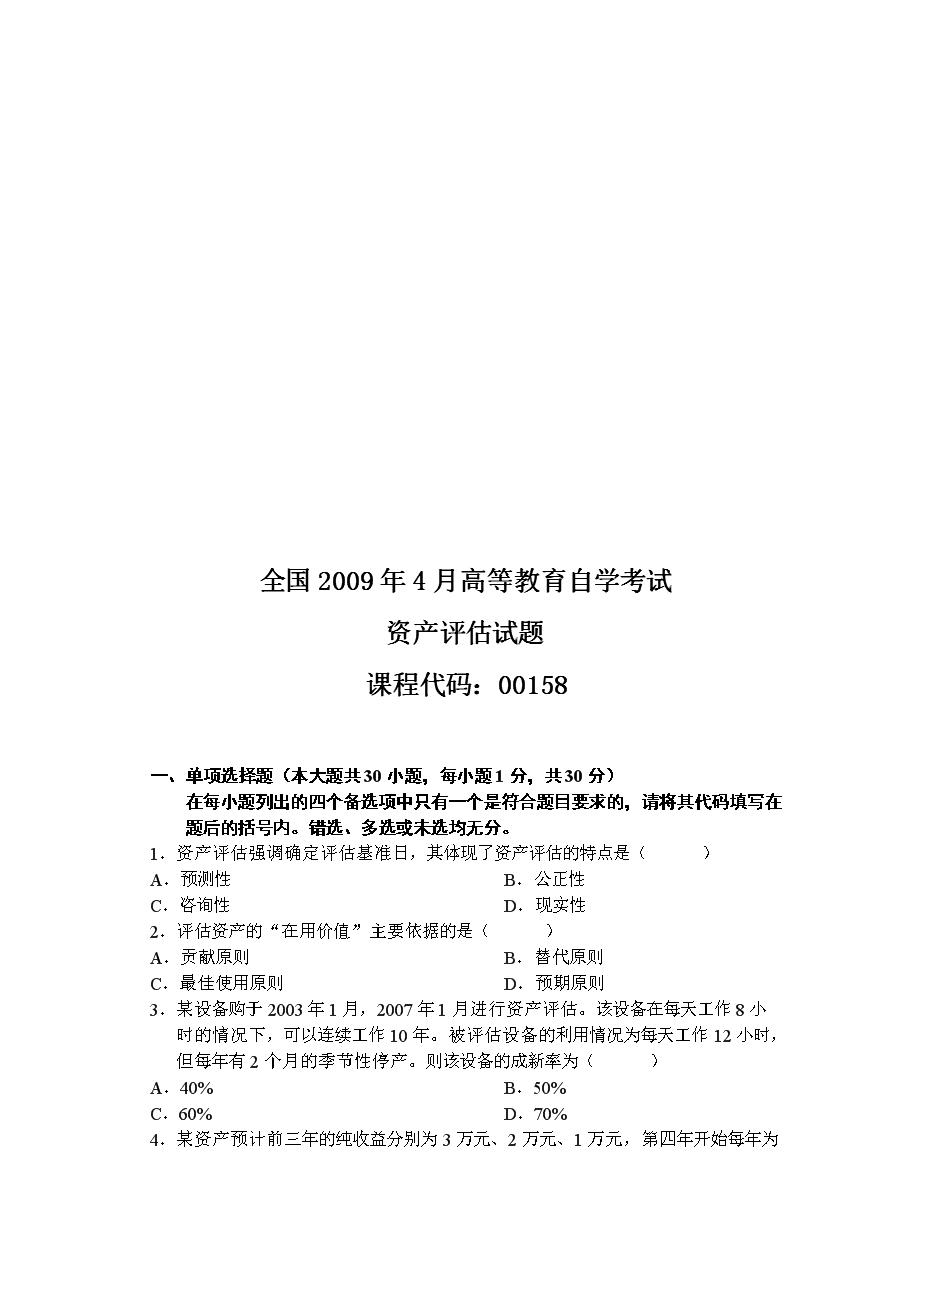 高等教育自学考试资产评估试题.doc